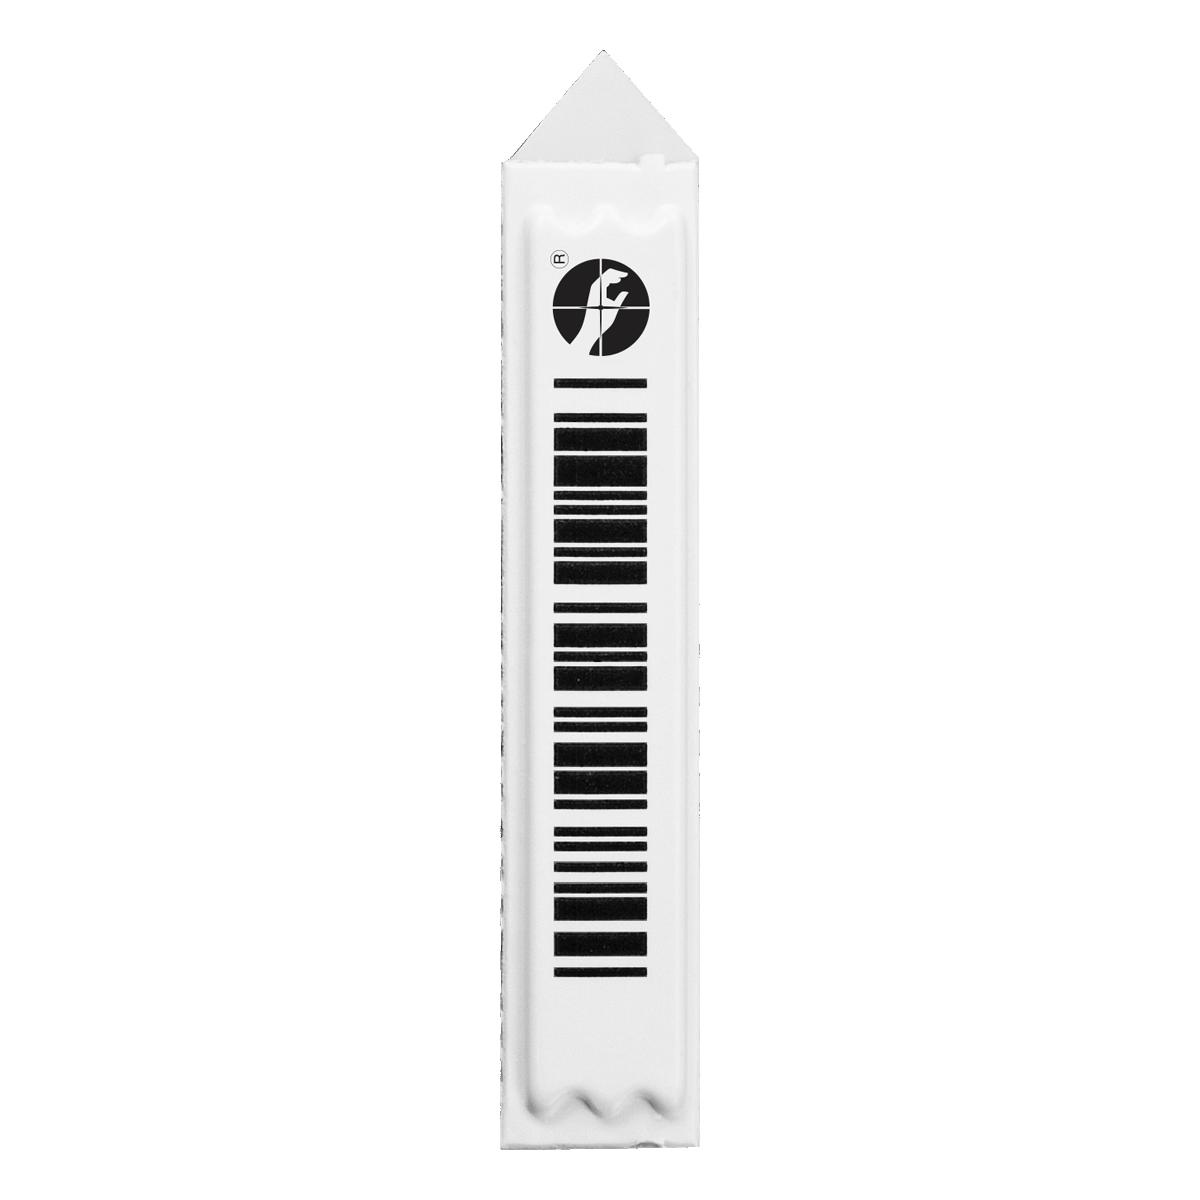 Etiquettes Sensormatic AM Ultra Strip III à Insérer